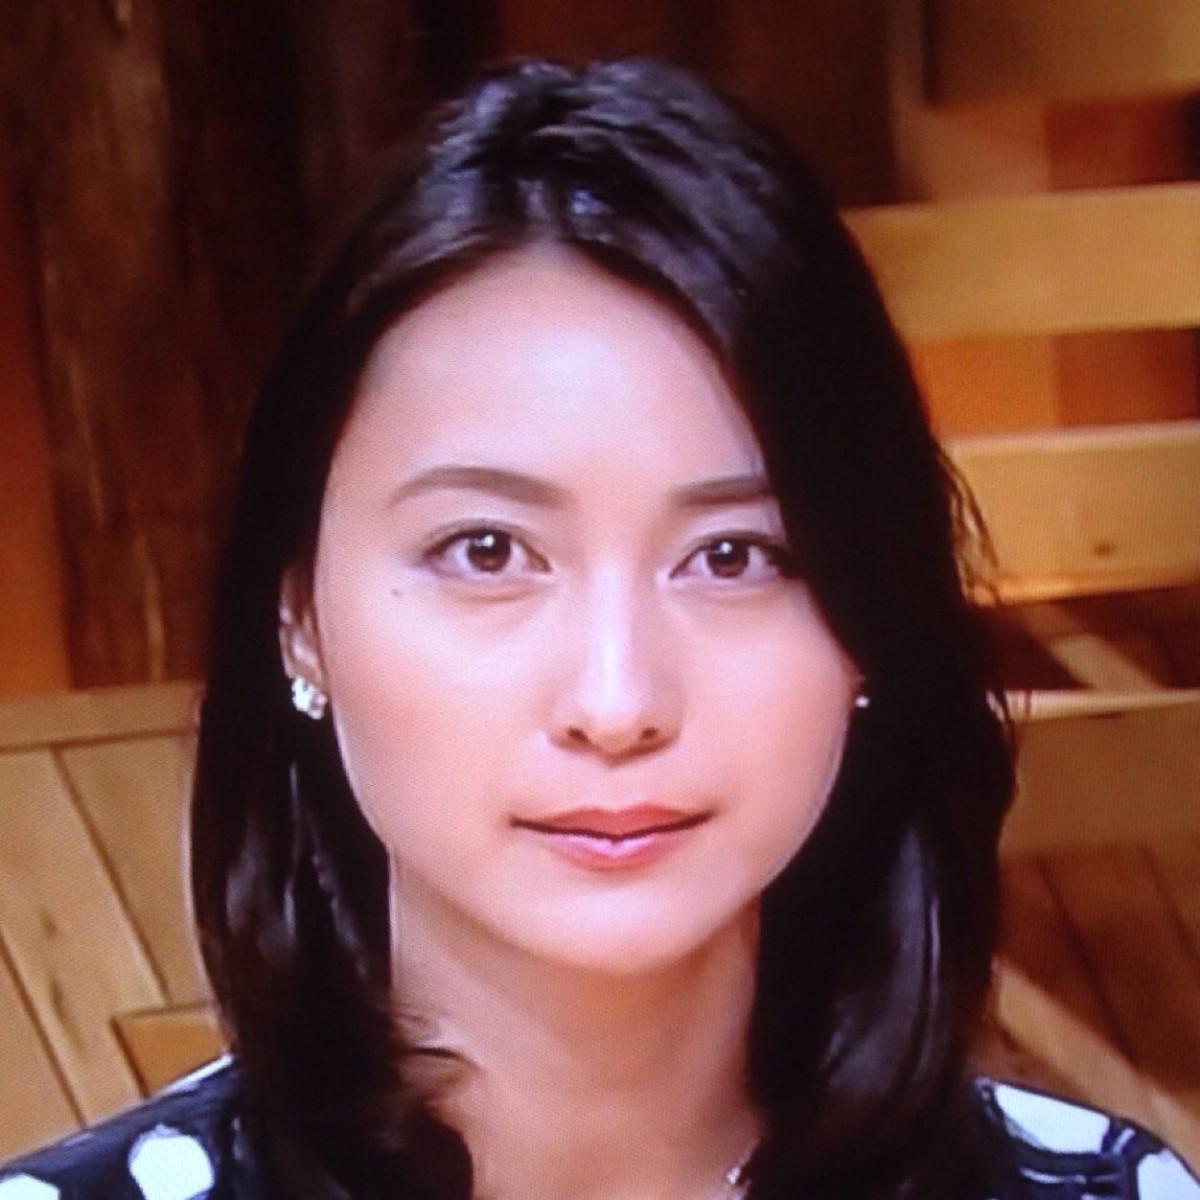 小川彩佳,テレ朝,女子アナ,激カワ,厳選,画像,まとめ069